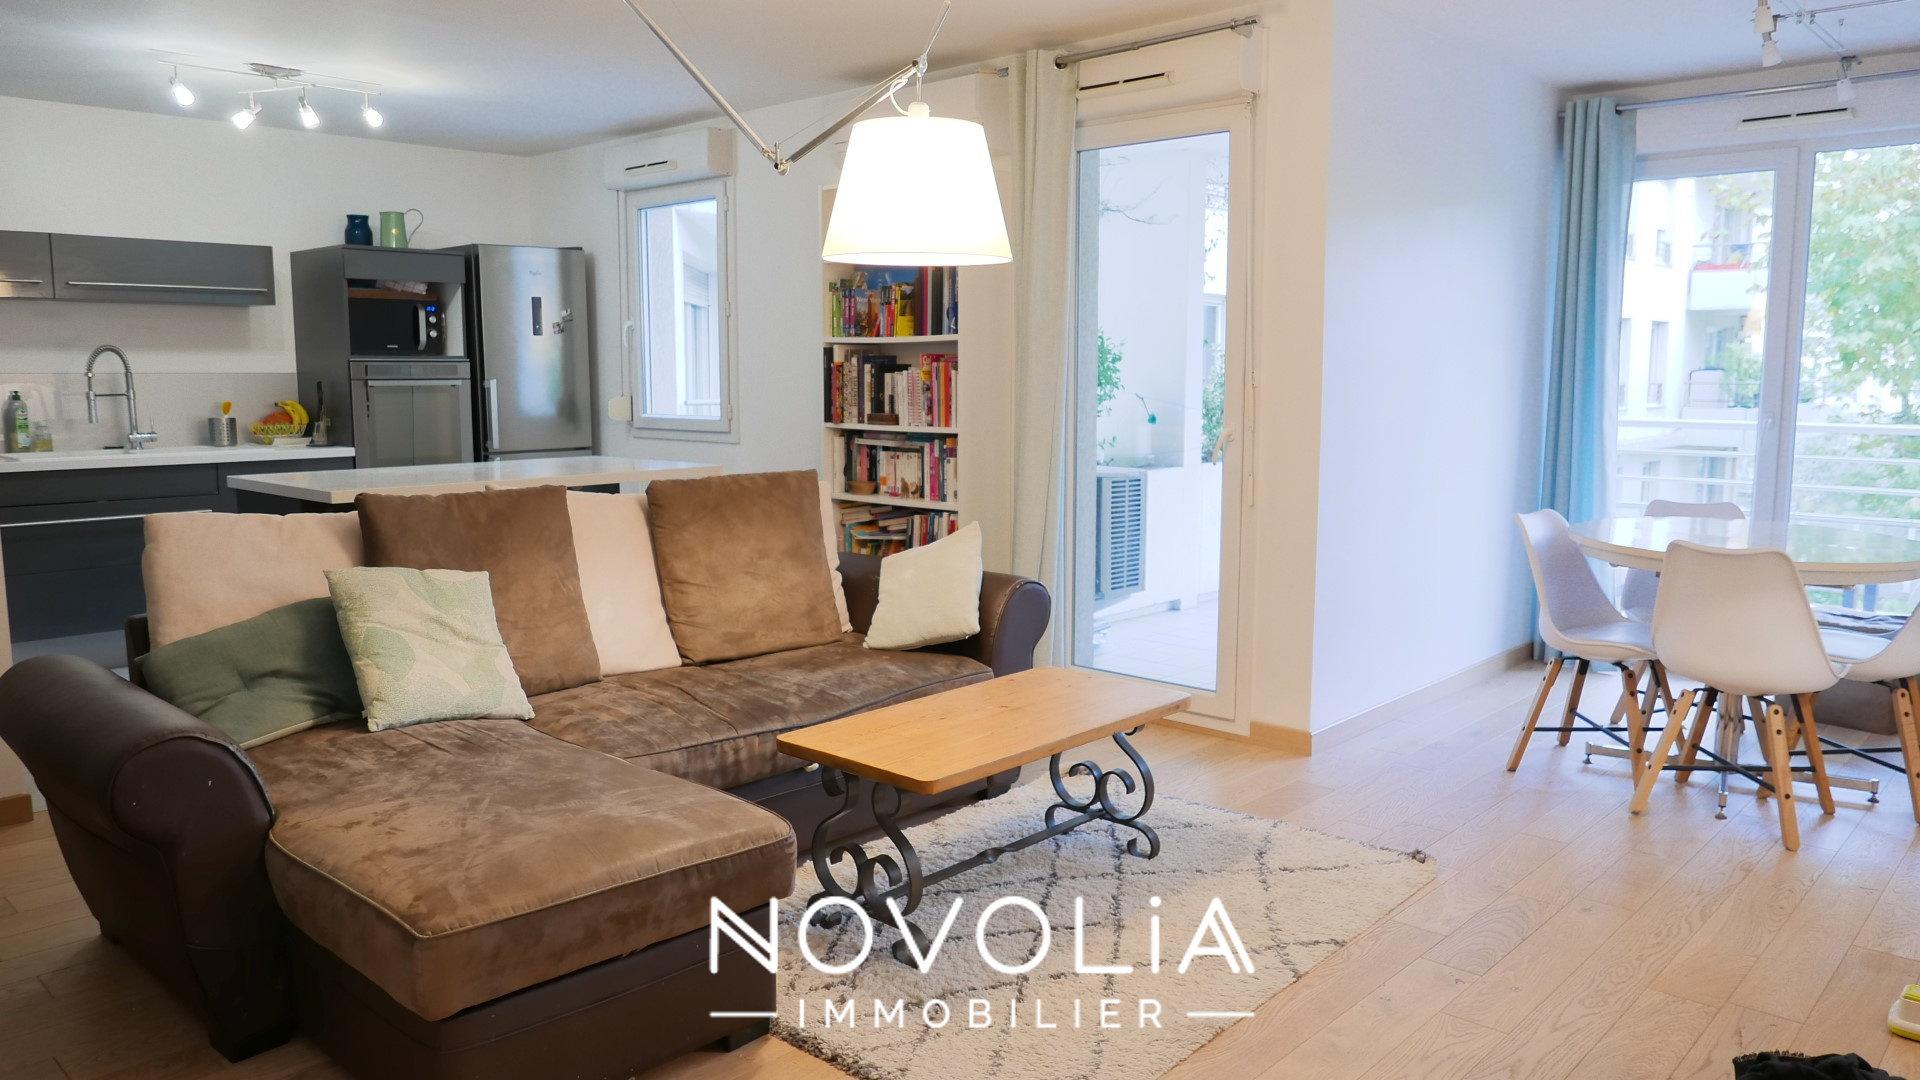 Achat Appartement, Surface de 75 m²/ Total carrez : 74.75 m², 4 pièces, Lyon 8ème (69008)